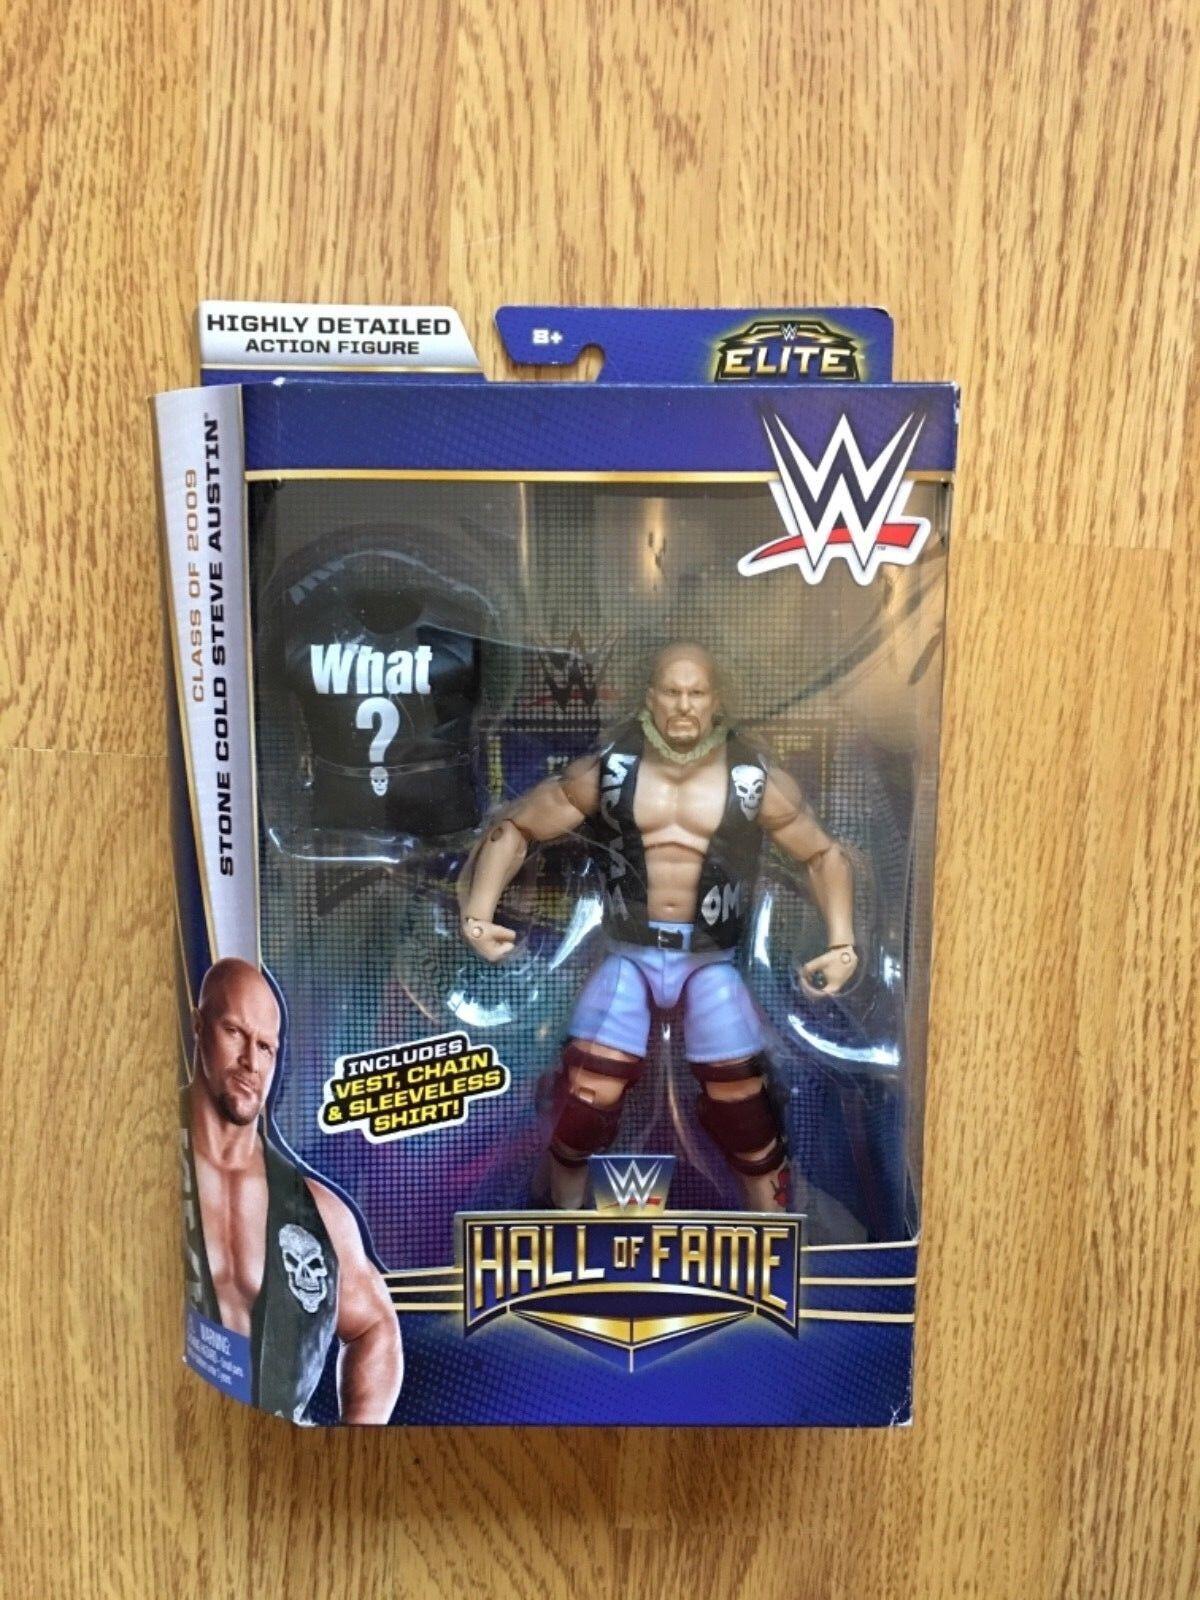 oferta especial Wwe Wwf Piedra Fría Steve Austin Salón De De De La Fama Hof Elite Mattel lucha libre figura  en stock